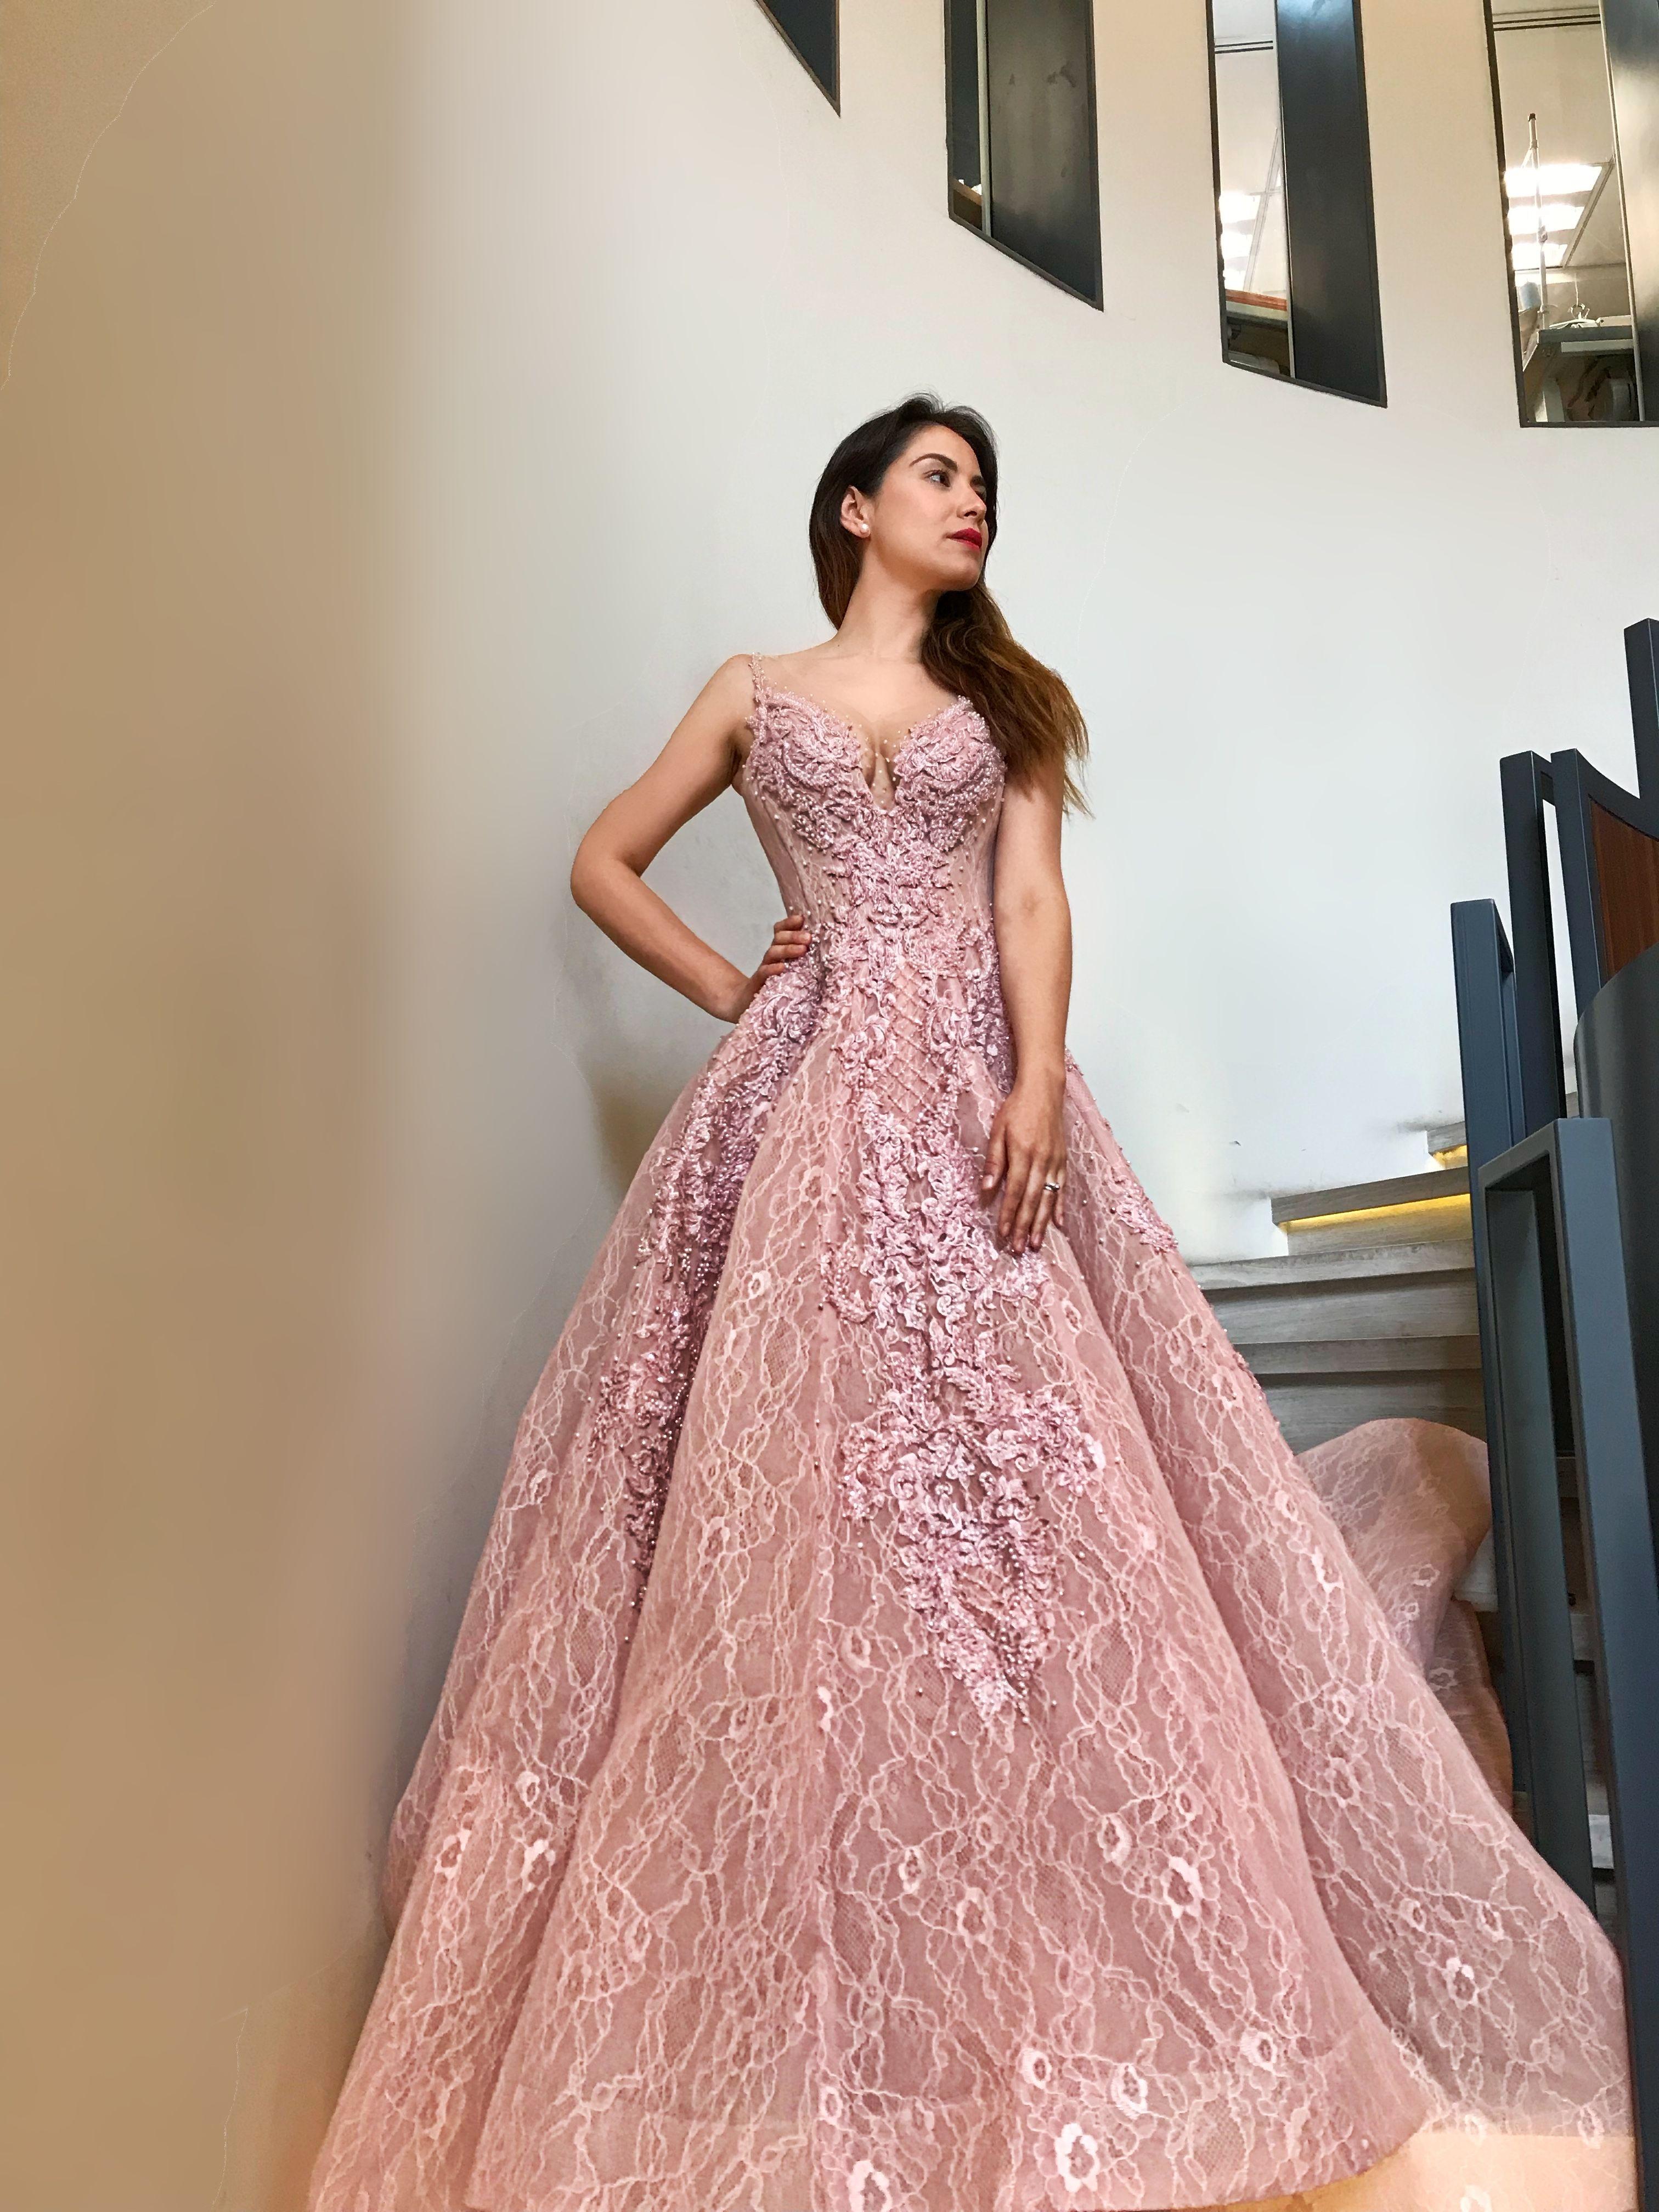 Bonito Sirena Vestido De Novia Corte Molde - Colección de Vestidos ...